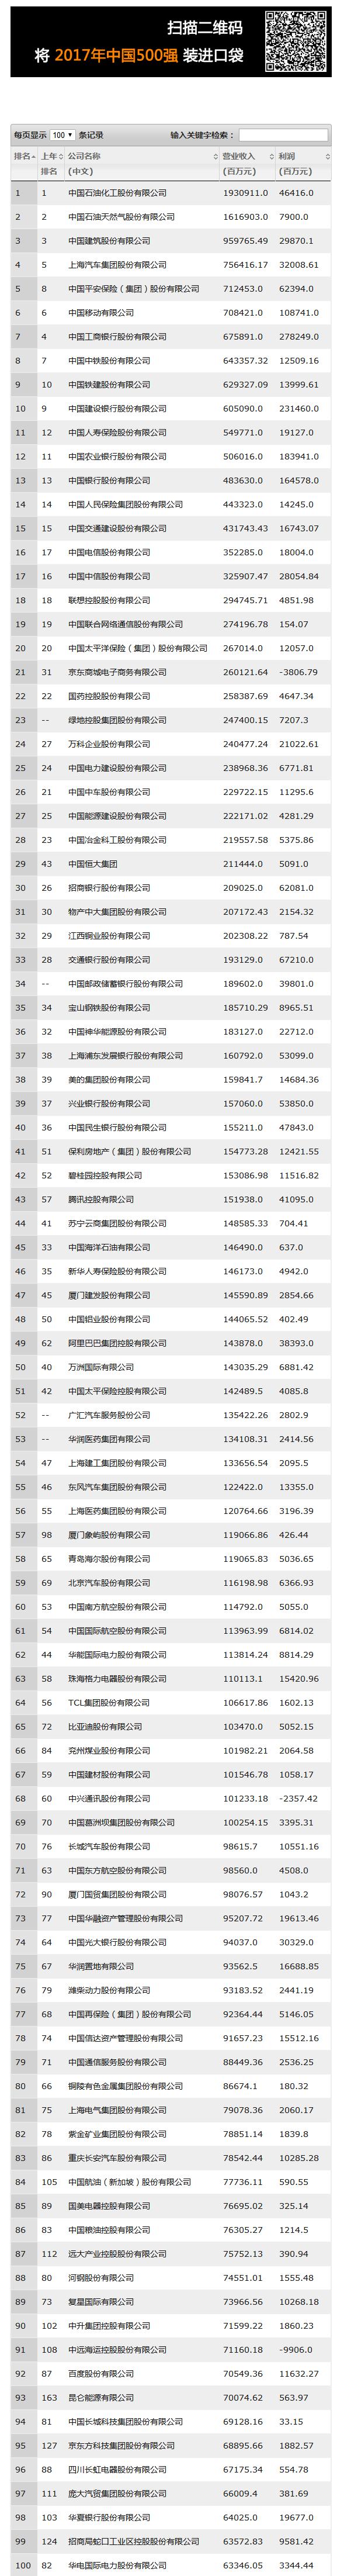 2017年中国500强排行榜---财富中文网.png